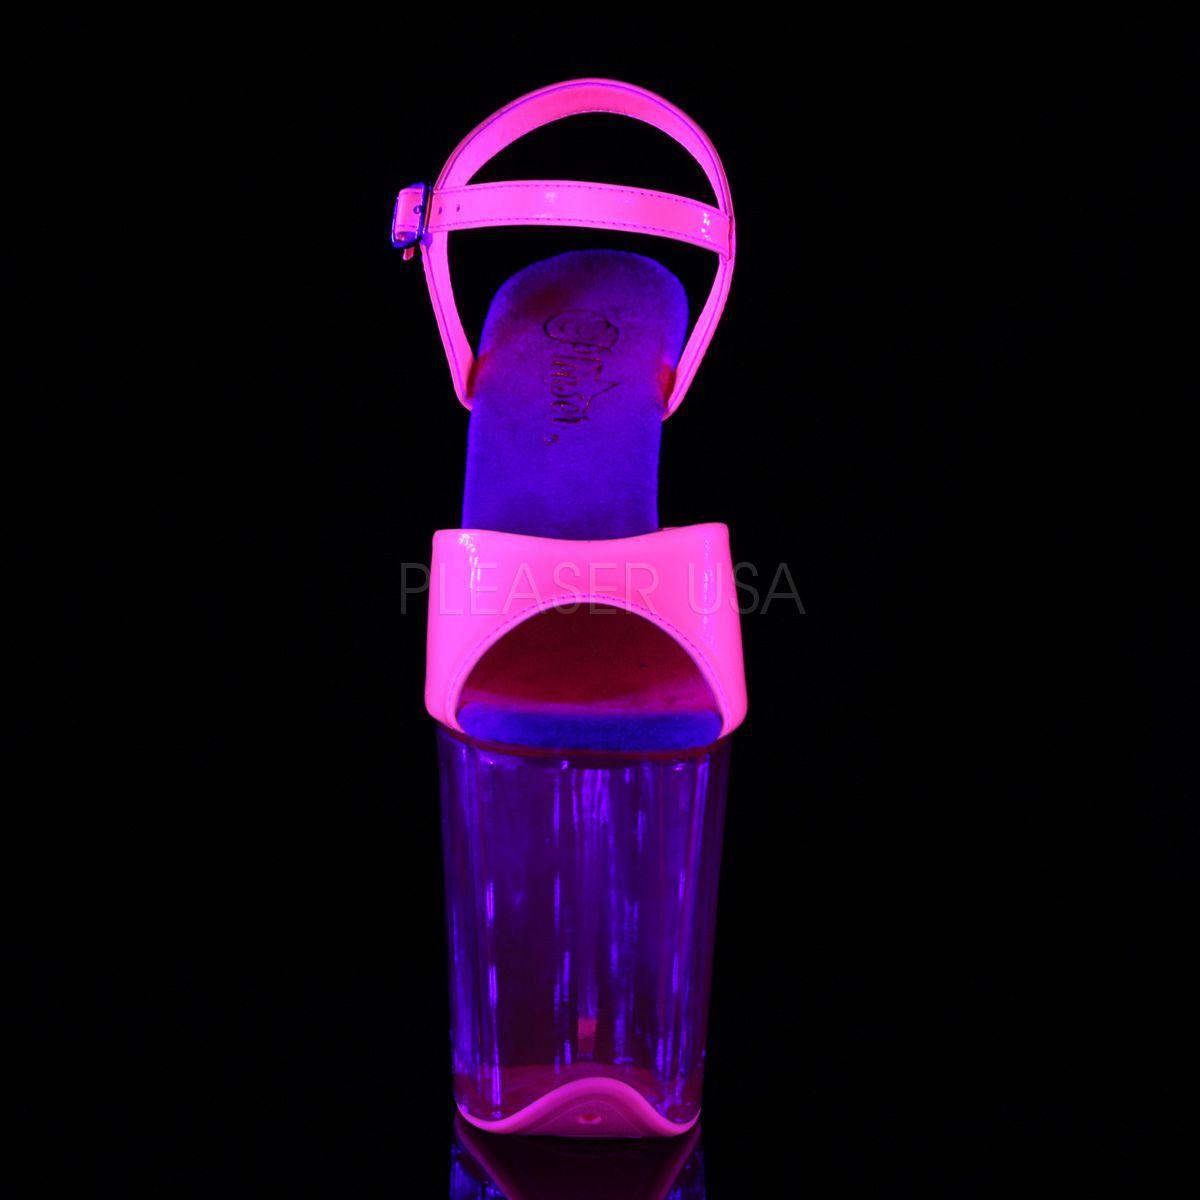 Sandalias FLAMINGO plataforma extra-alta de 8 pulgadas y efecto neon